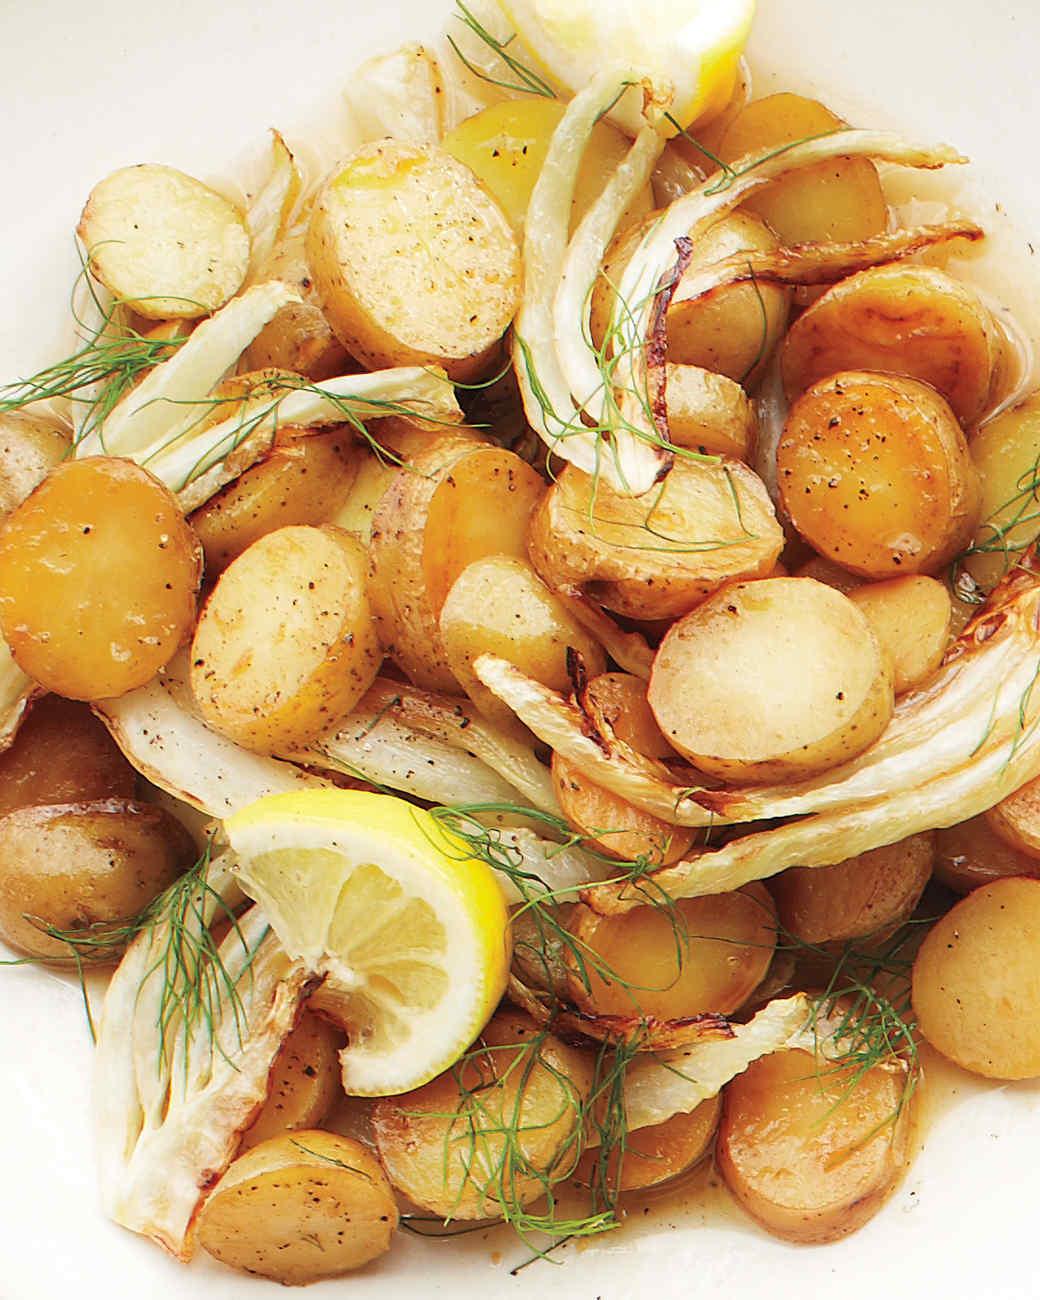 braised-fennel-potatoes-med109135.jpg